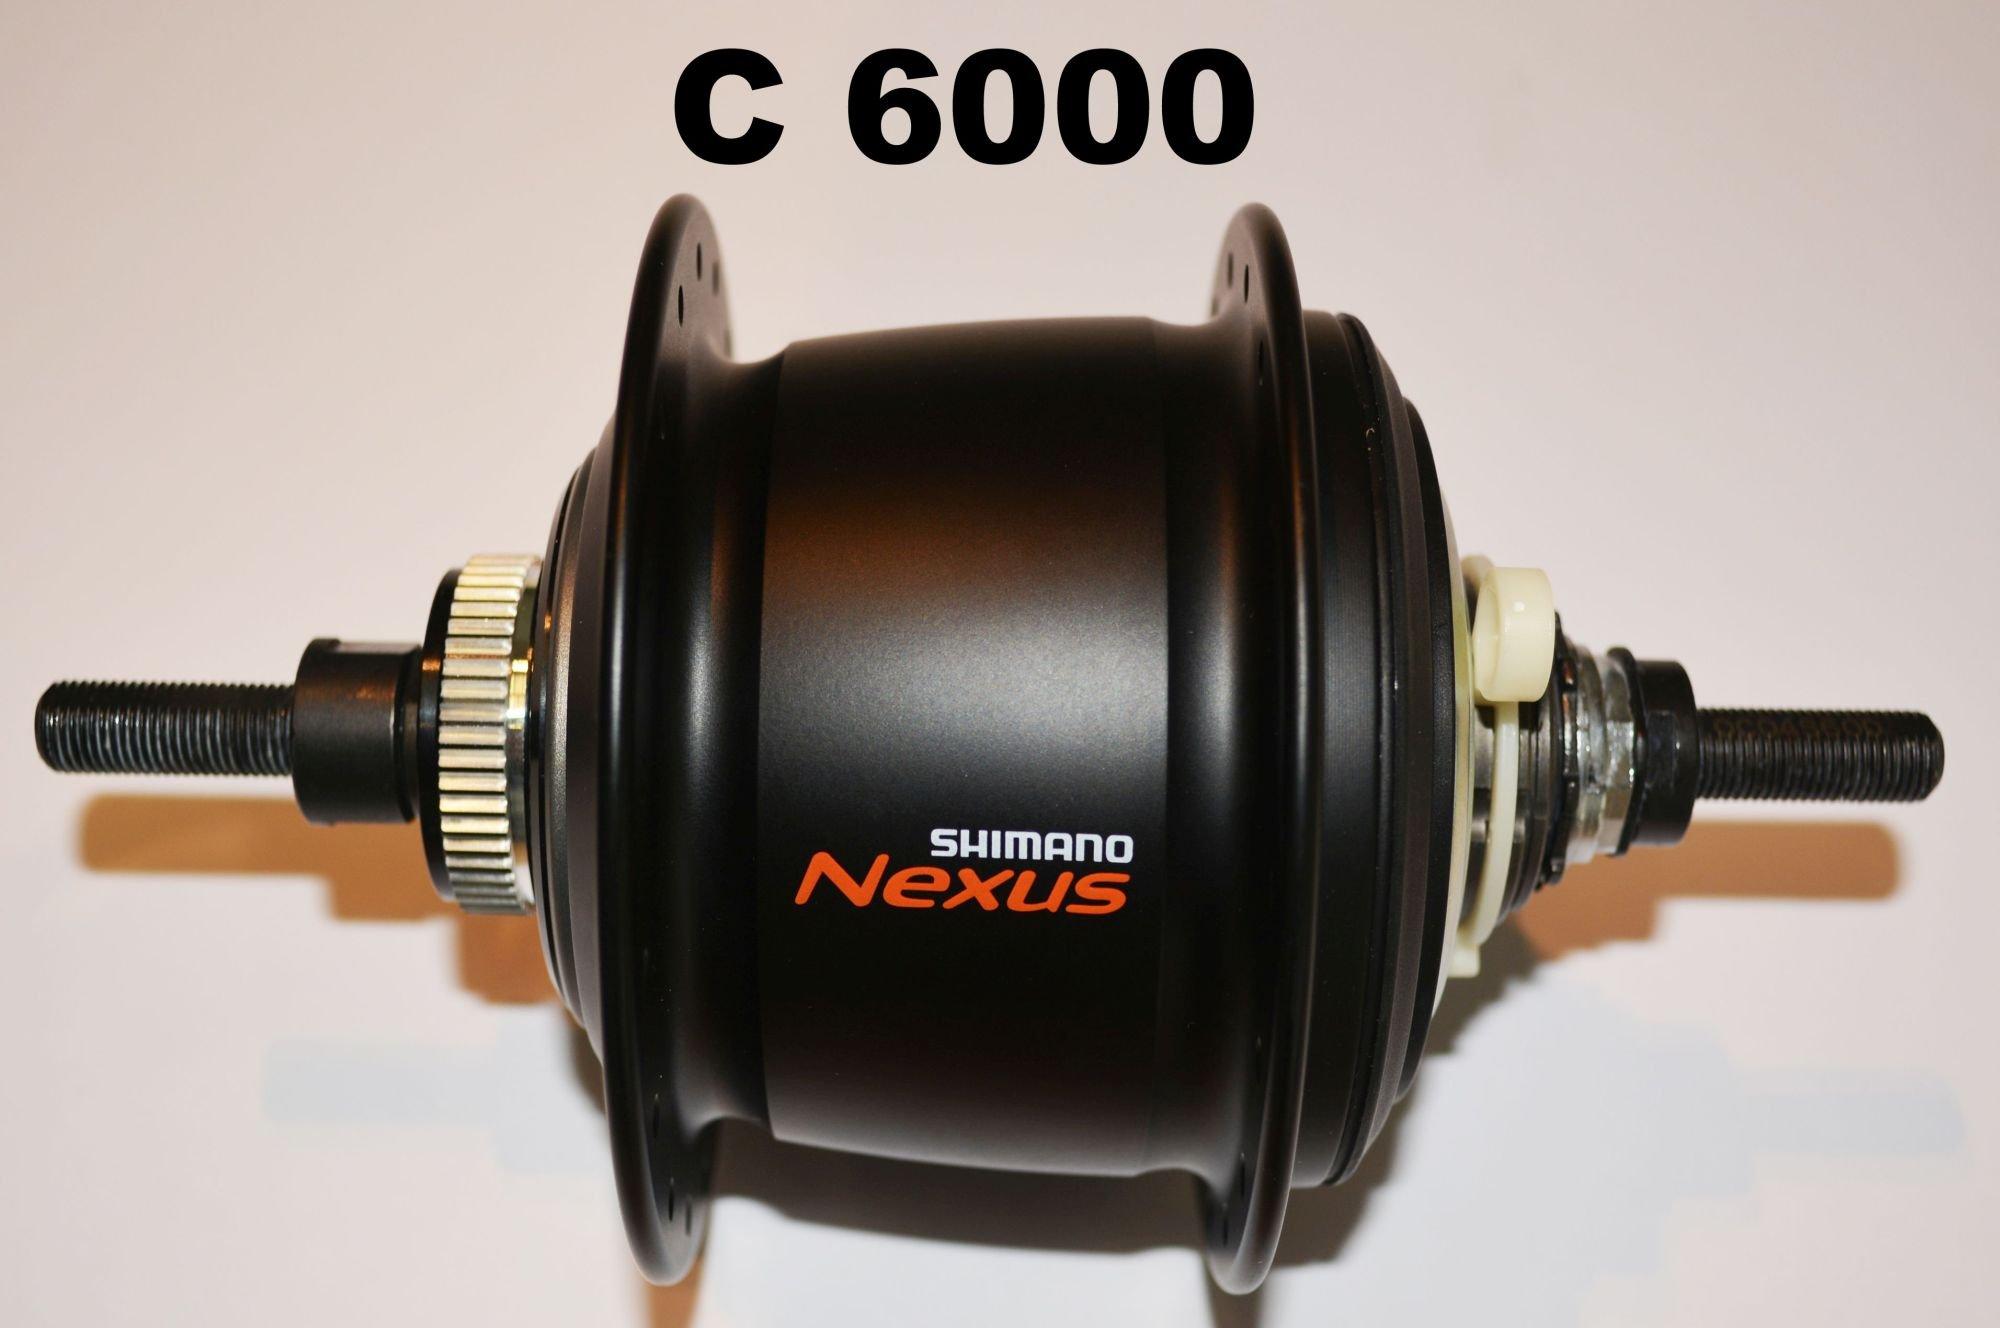 nabenschaltungen: Shimano  C6000-8R Nexus Inter 8 Freilauf Getriebenabe